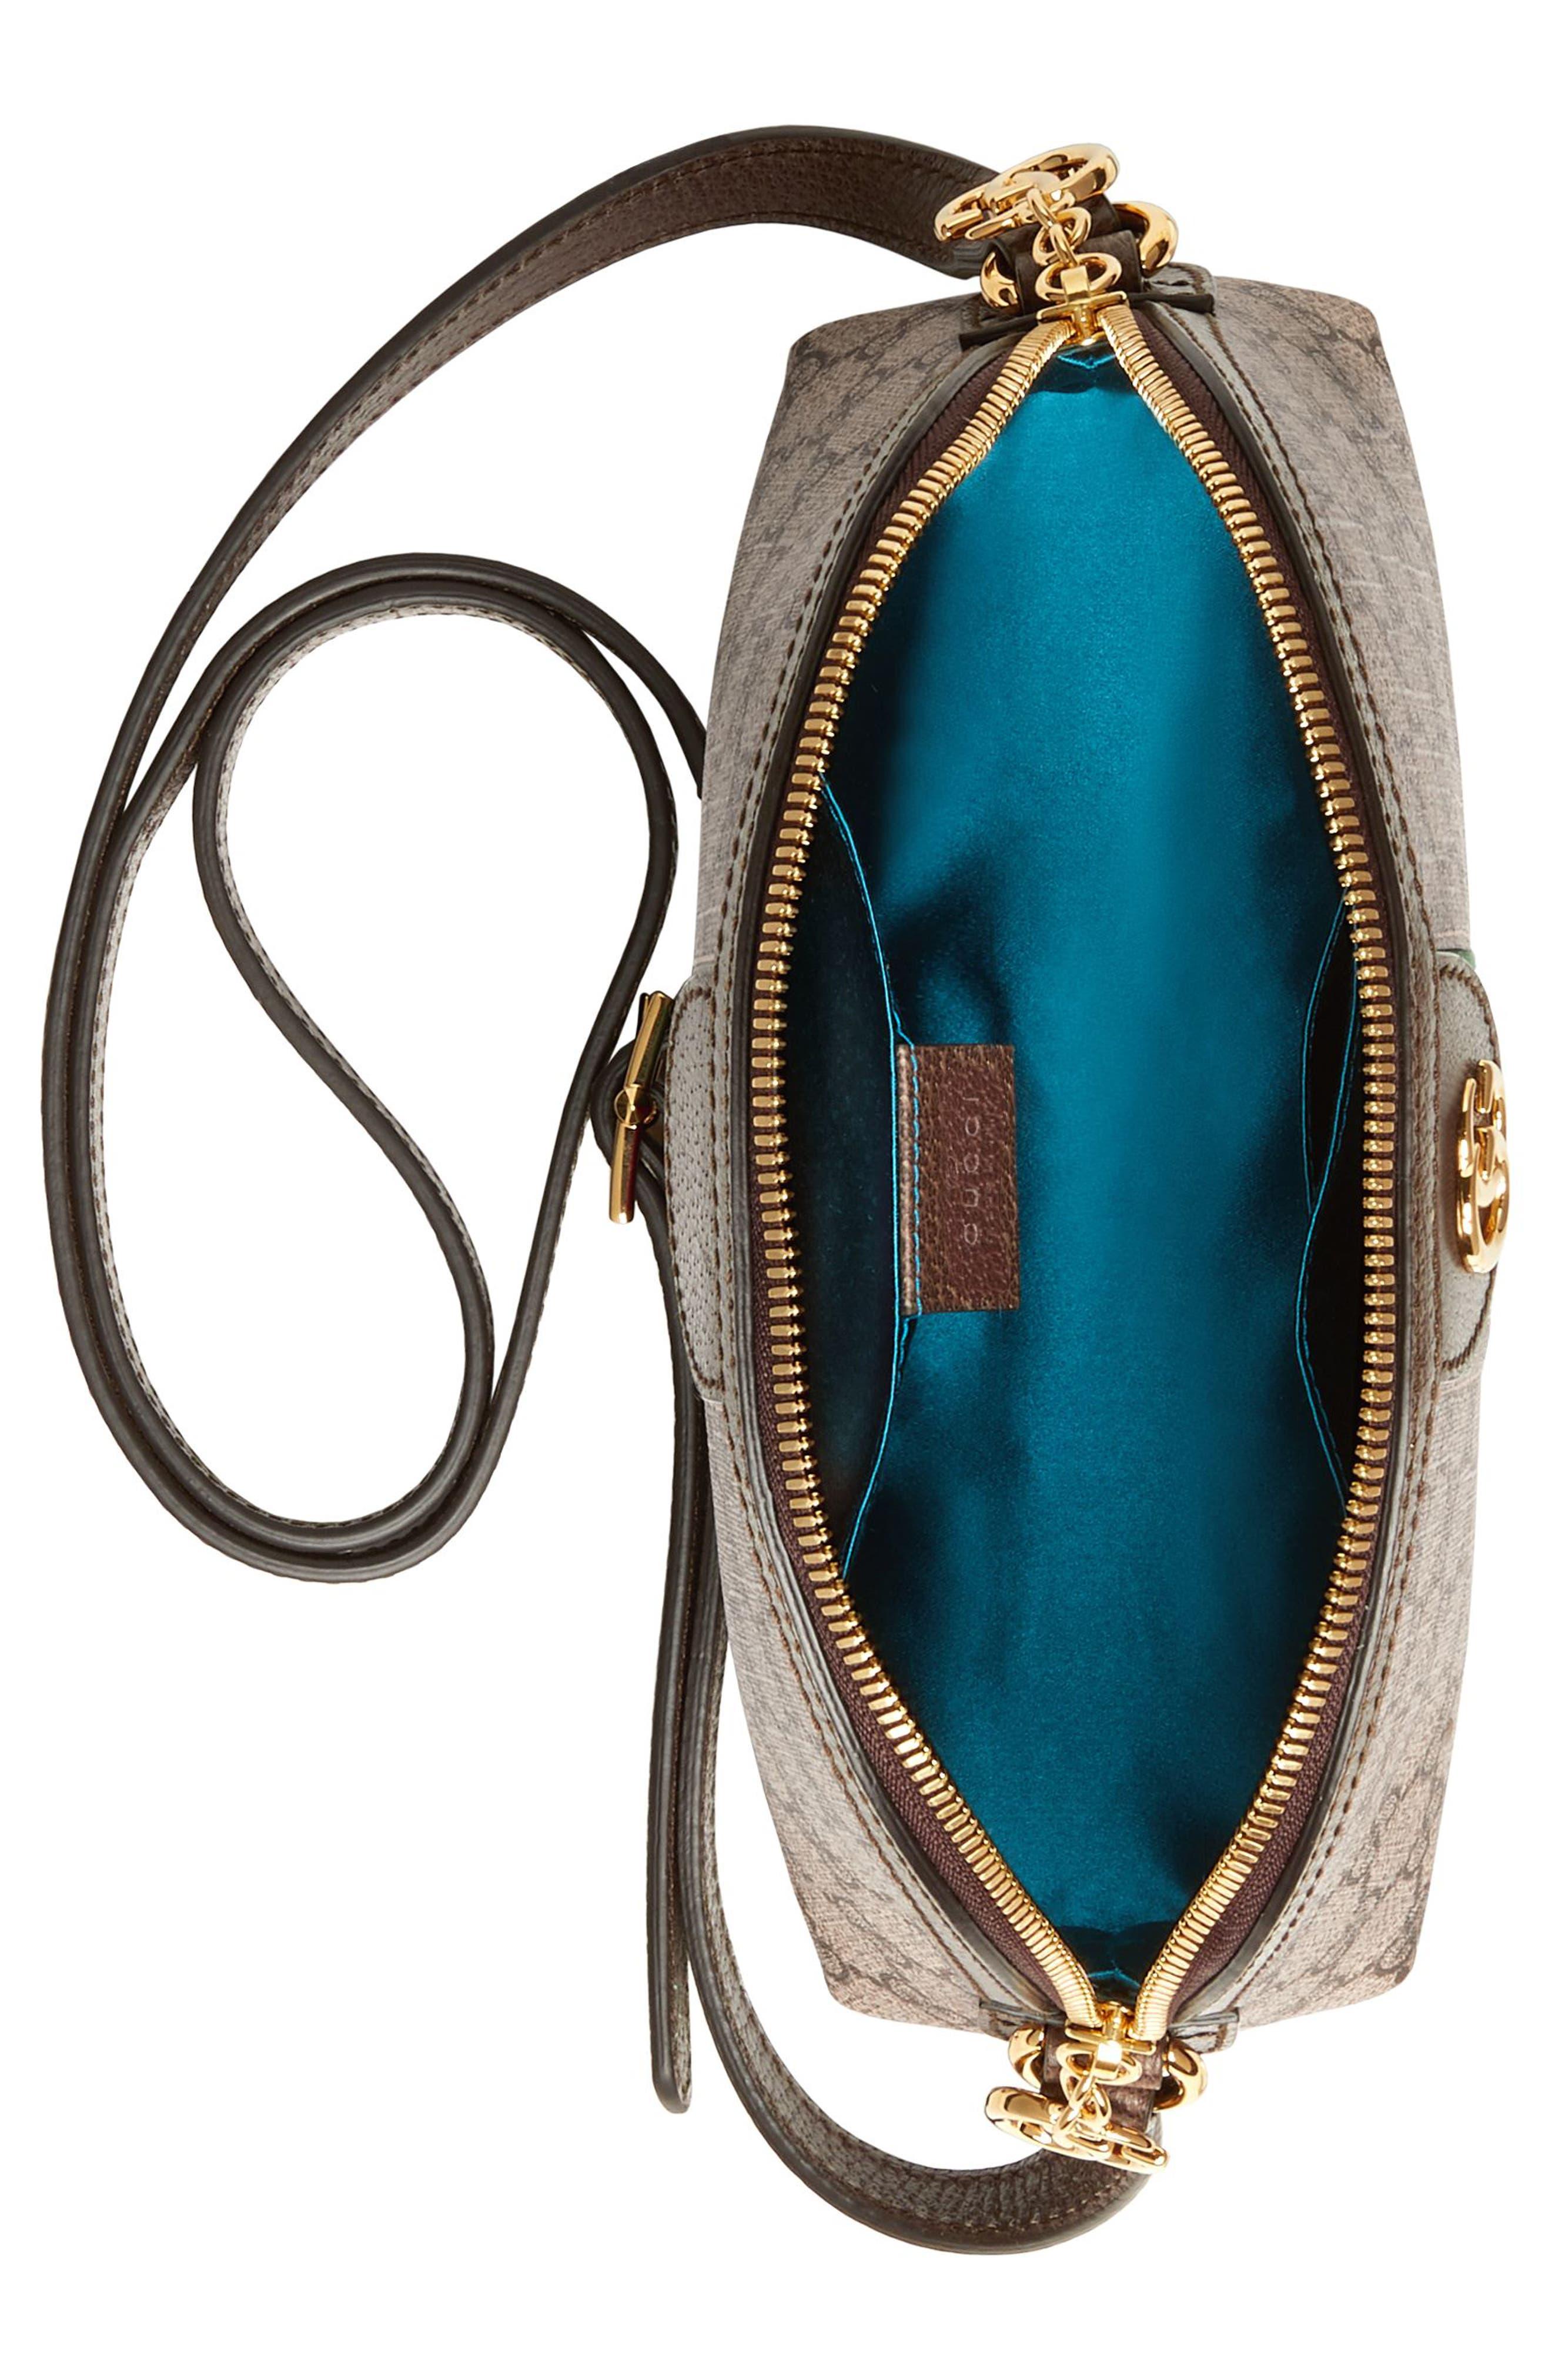 GG Supreme Canvas Shoulder Bag,                             Alternate thumbnail 4, color,                             BEIGE EBONY/ NERO/ RED